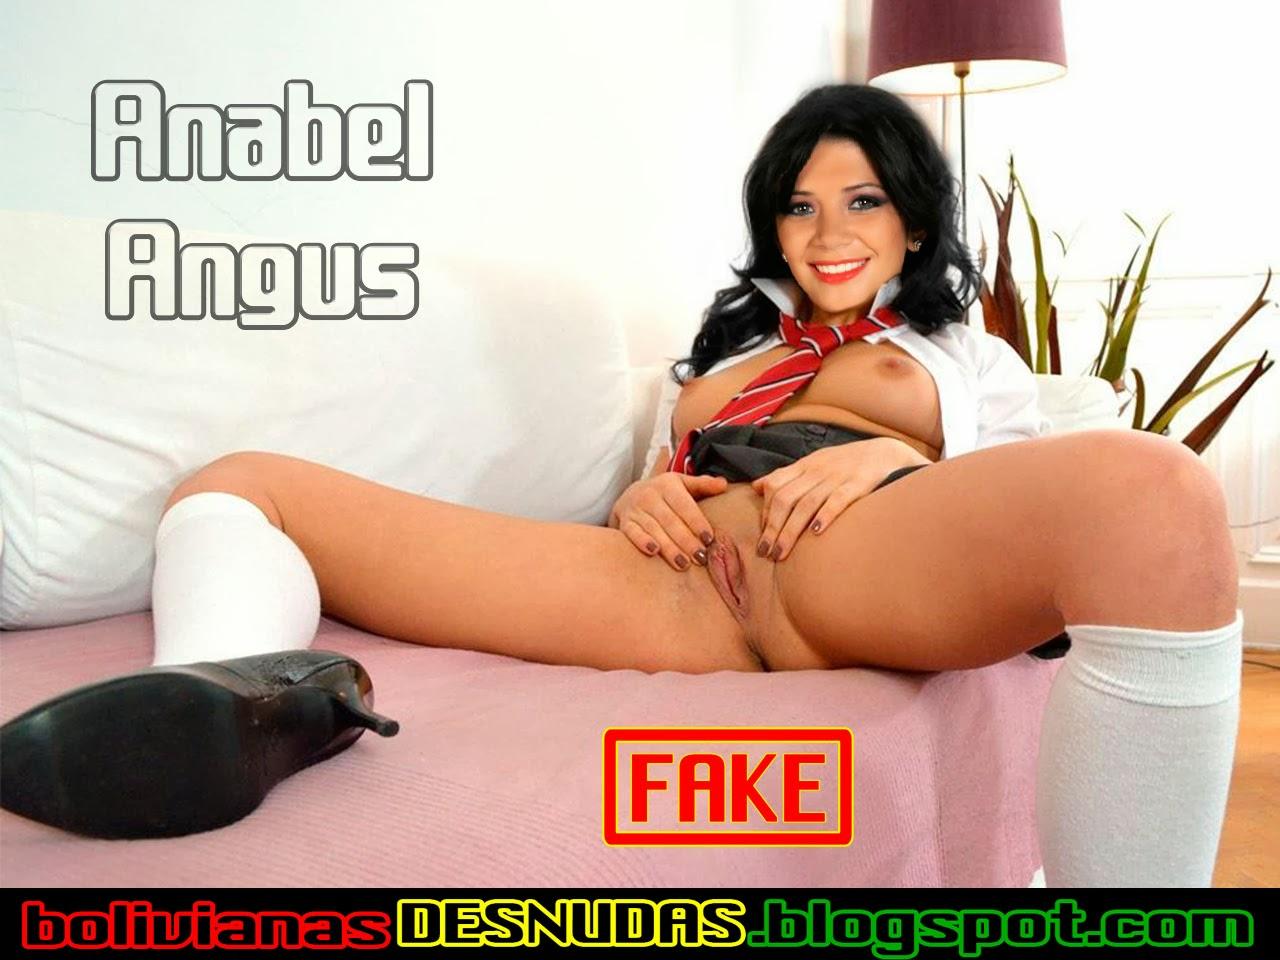 Bolivianas Famosas Desnudas Fake Anabel Angus Colegiala